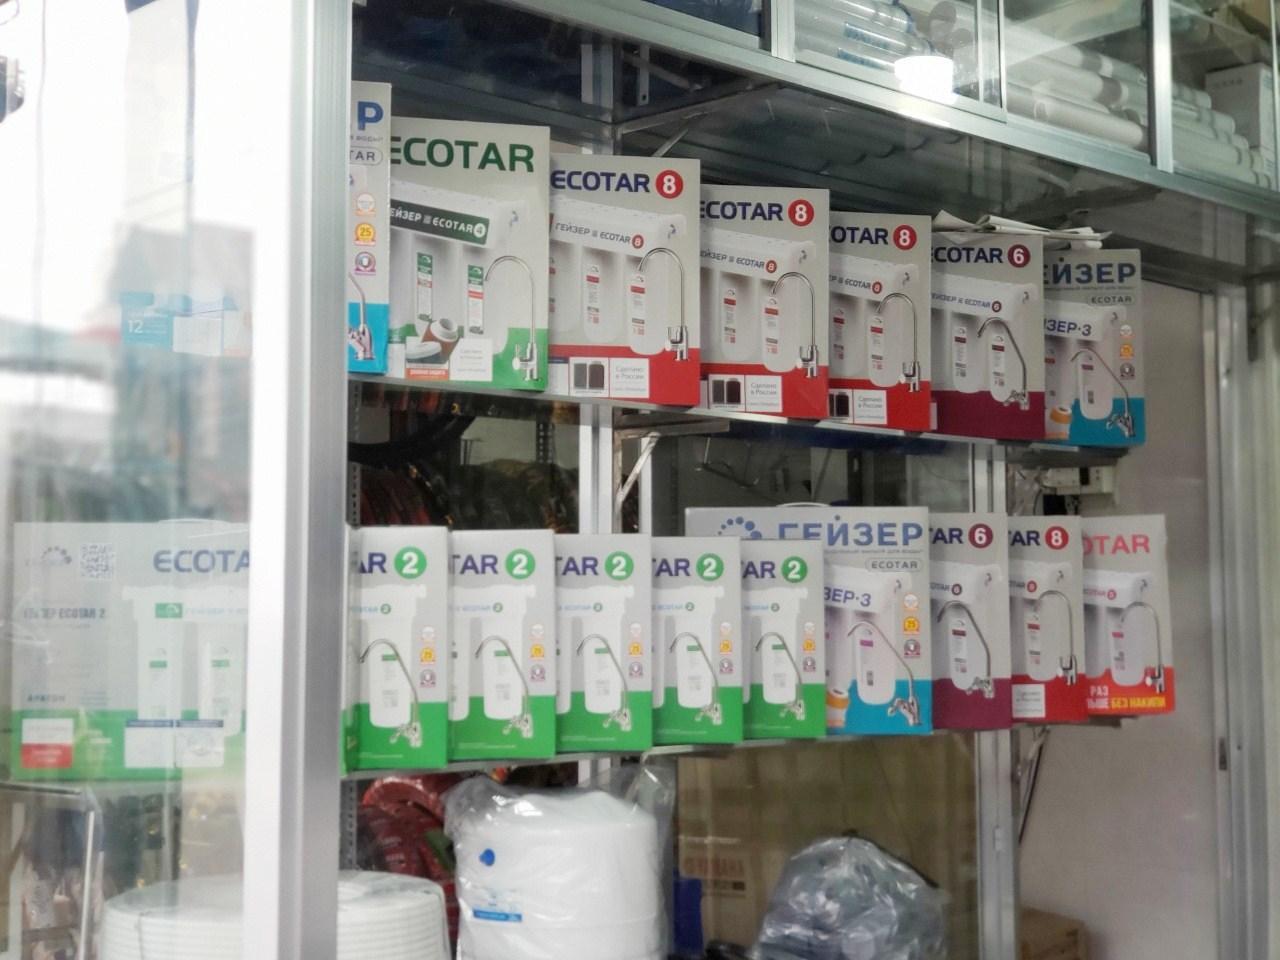 Đại lý Tín Thành Long An bán máy lọc nước chính hãng - Ảnh 2